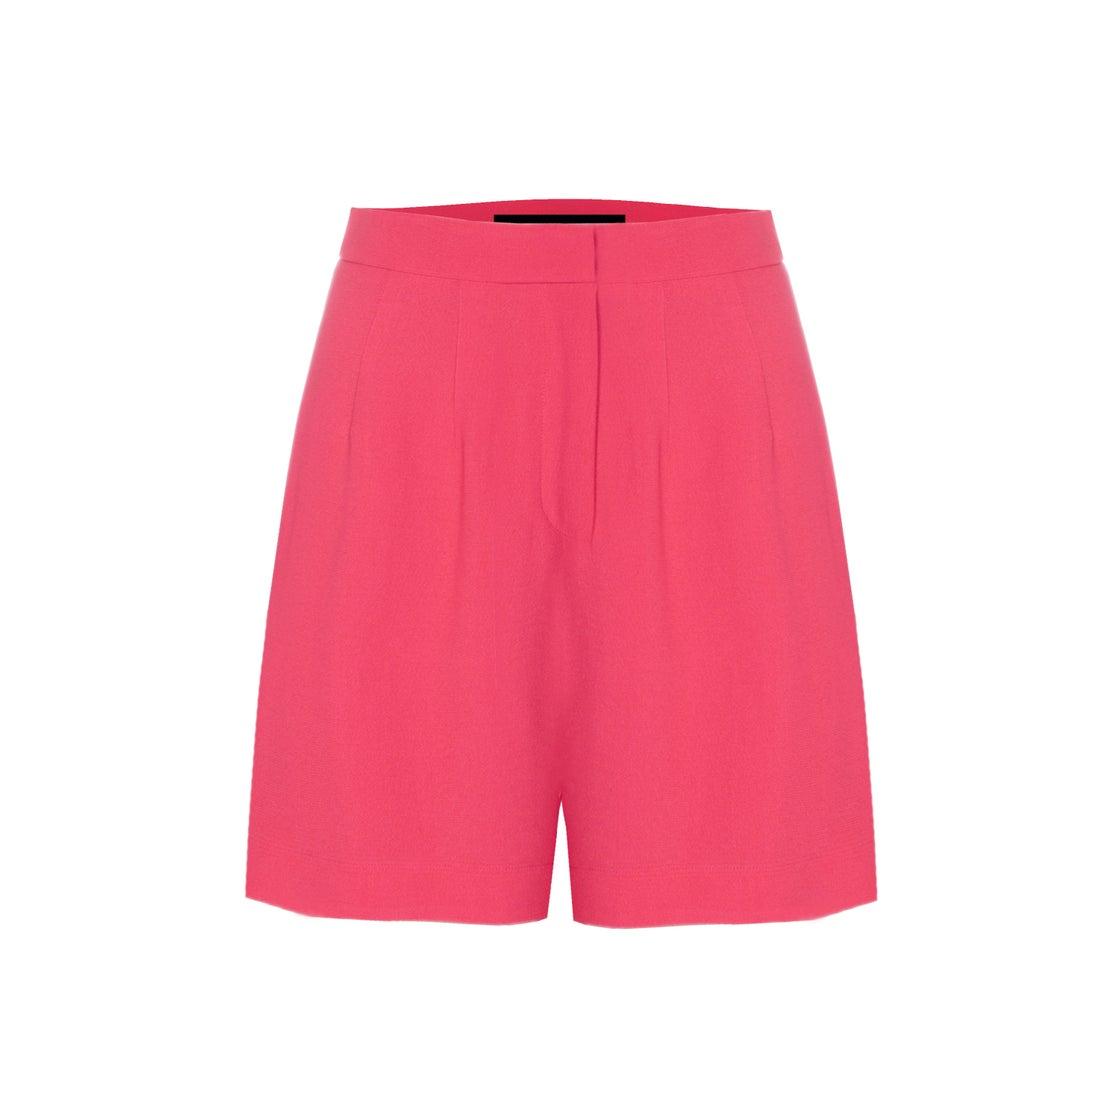 Image of Shorts| Fucsia